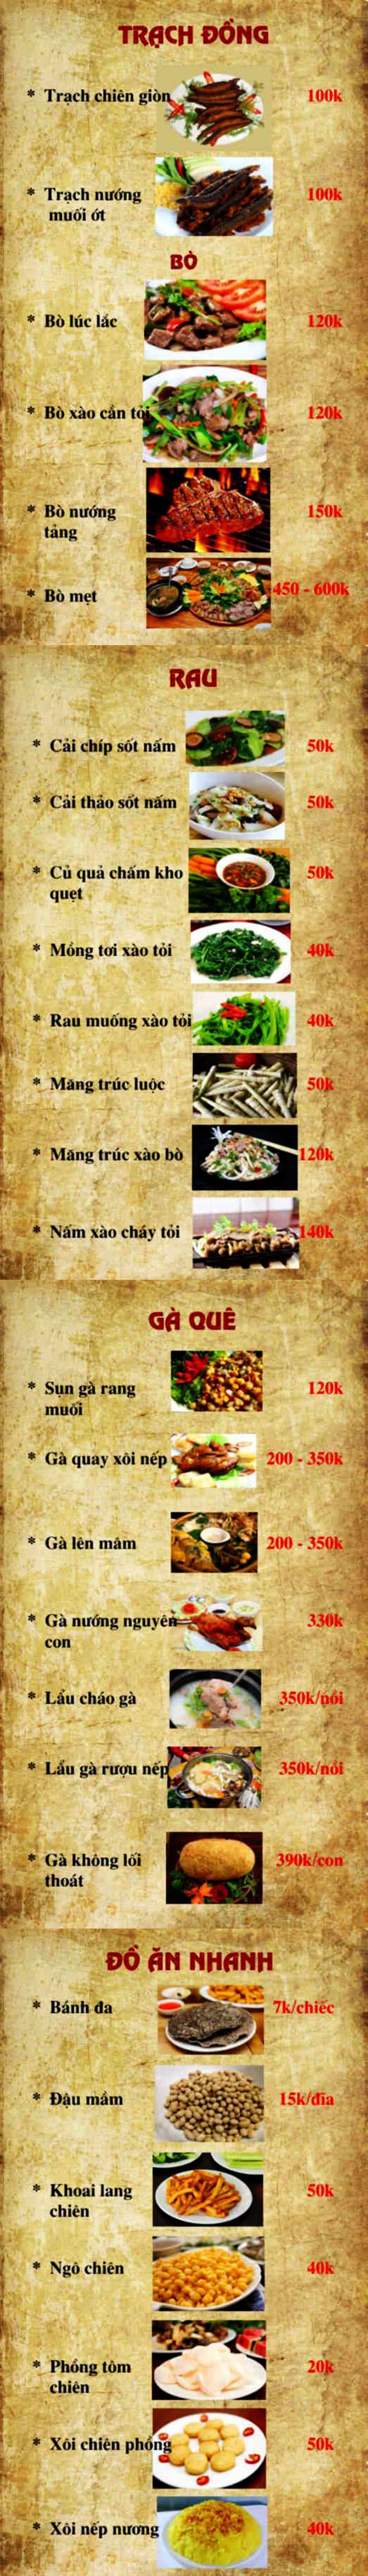 Menu Quán Quê - Hào Nam 2